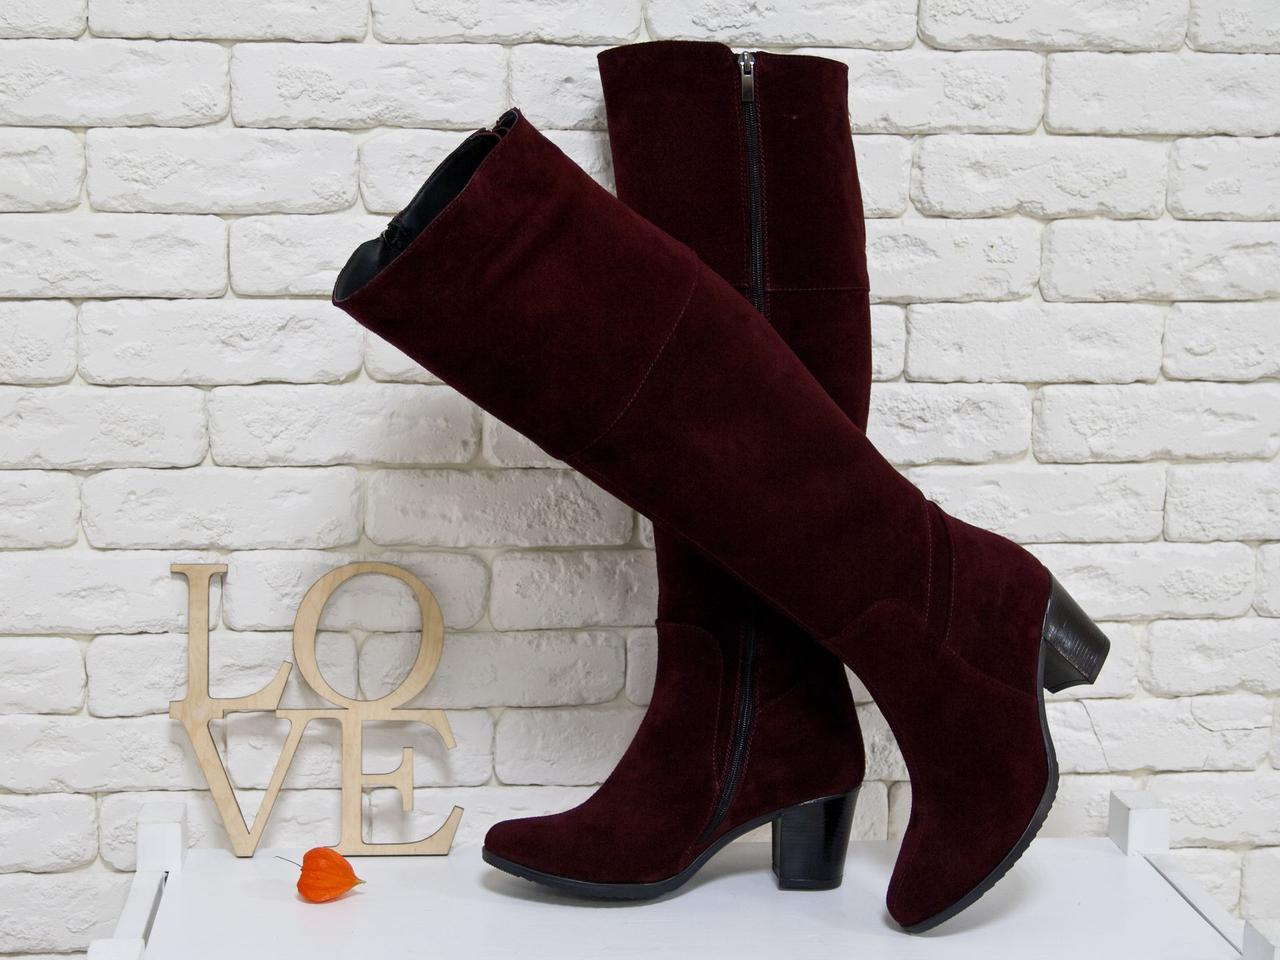 cc291e6ab Высокие женские Сапоги из натуральной замши цвета марсала, на устойчивом  среднем каблуке - Интернет-